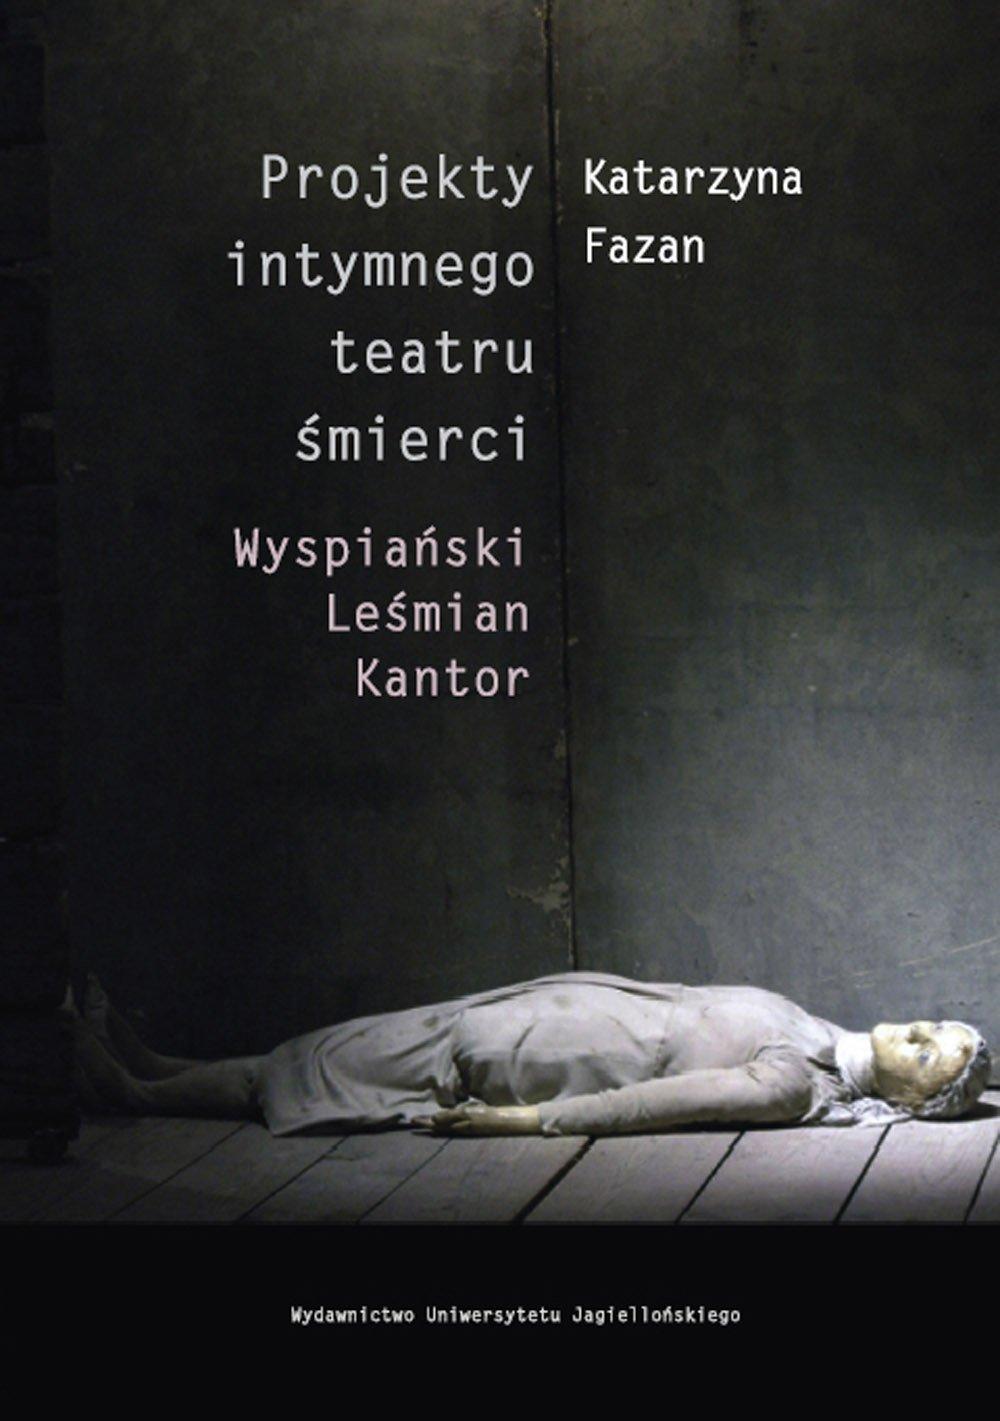 Projekty intymnego teatru śmierci. Wyspiański – Leśmian – Kantor - Ebook (Książka PDF) do pobrania w formacie PDF